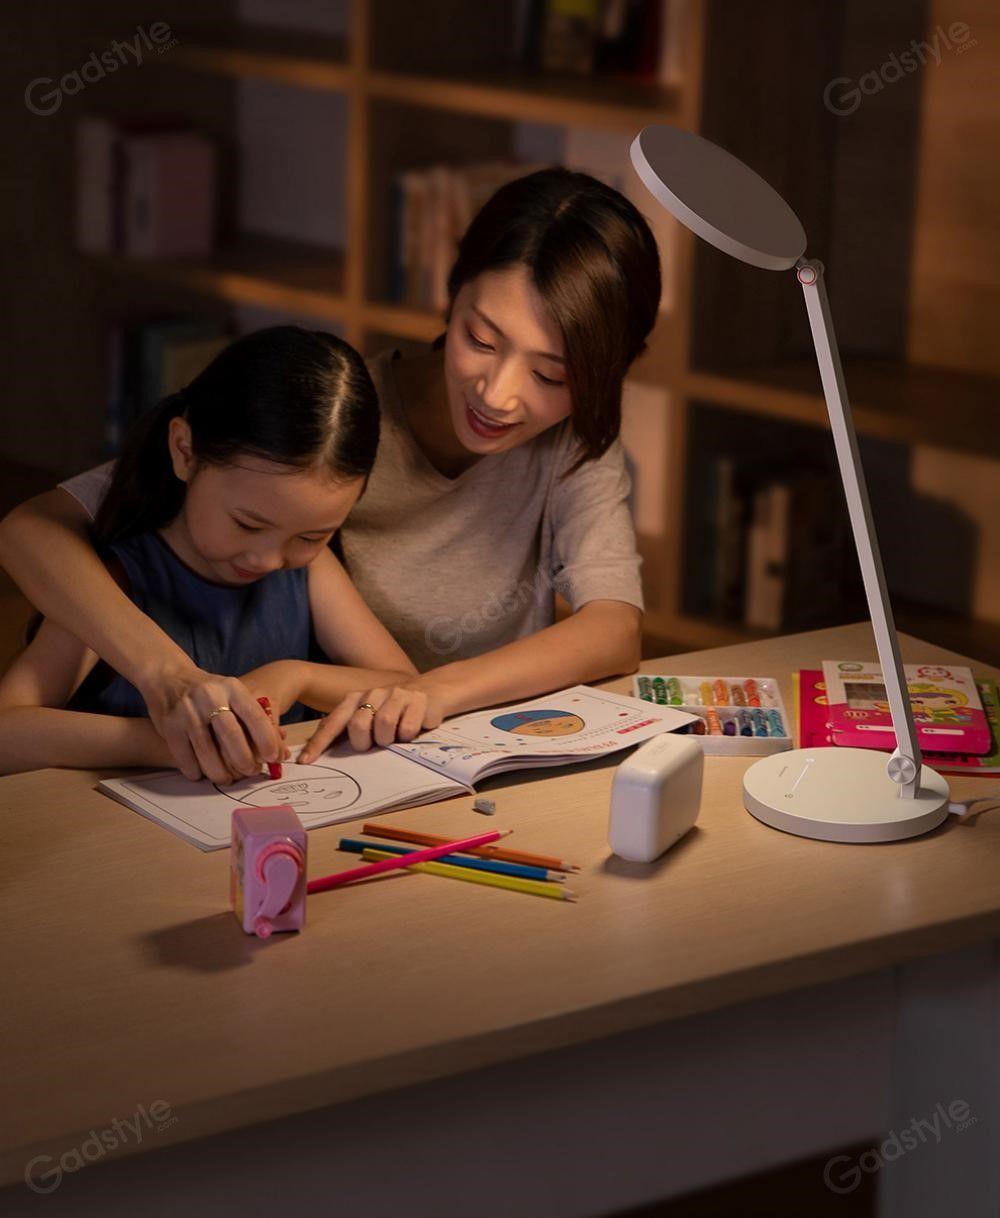 Baseus Dghy 02 Smart Eye Series Full Spectrum Eye Protective Desk Lamp (7)